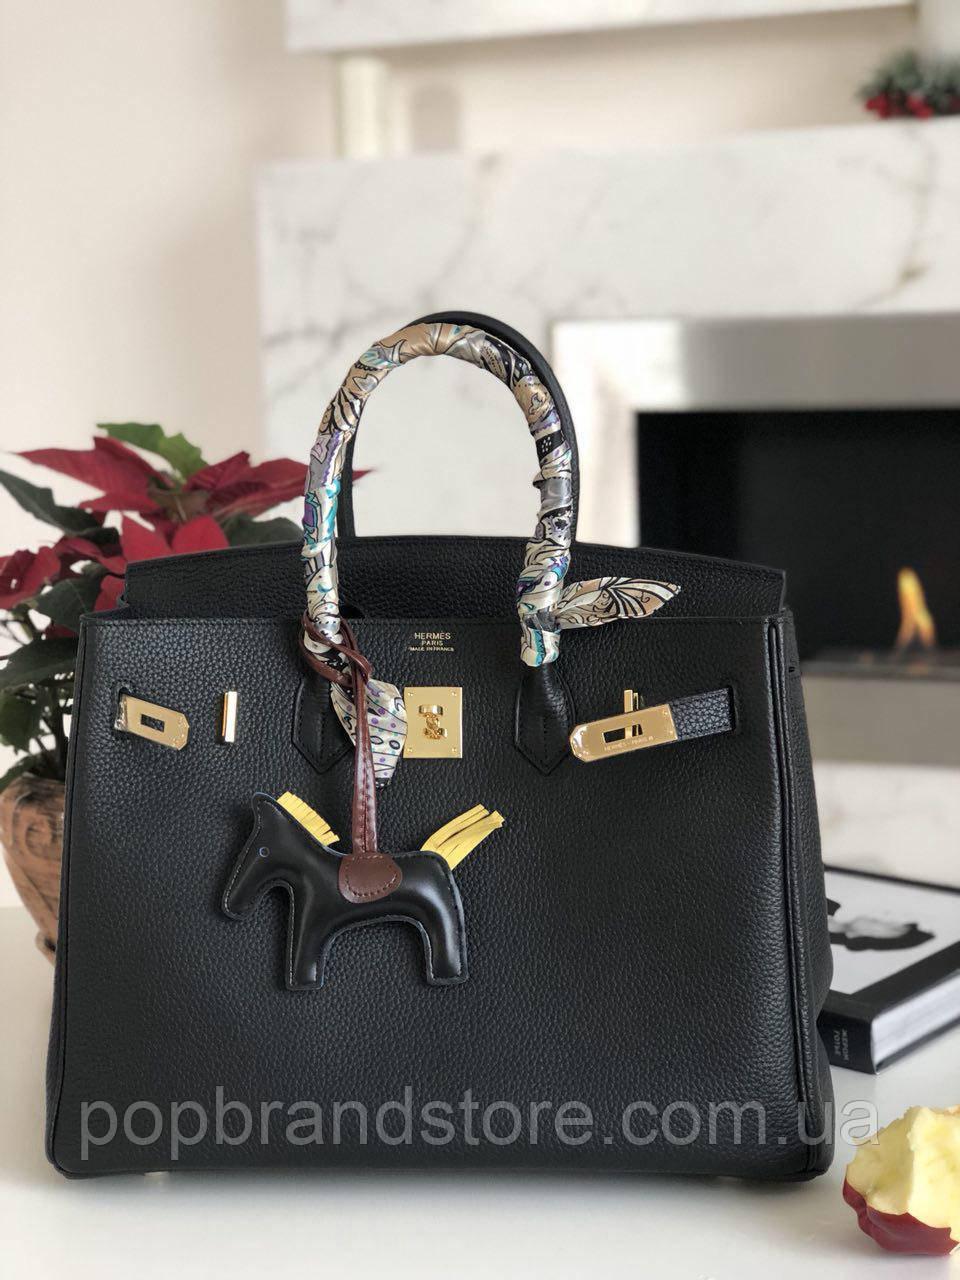 c713554e599e Елегантная женская сумка Гермес Биркин 35 см золото (реплика ...